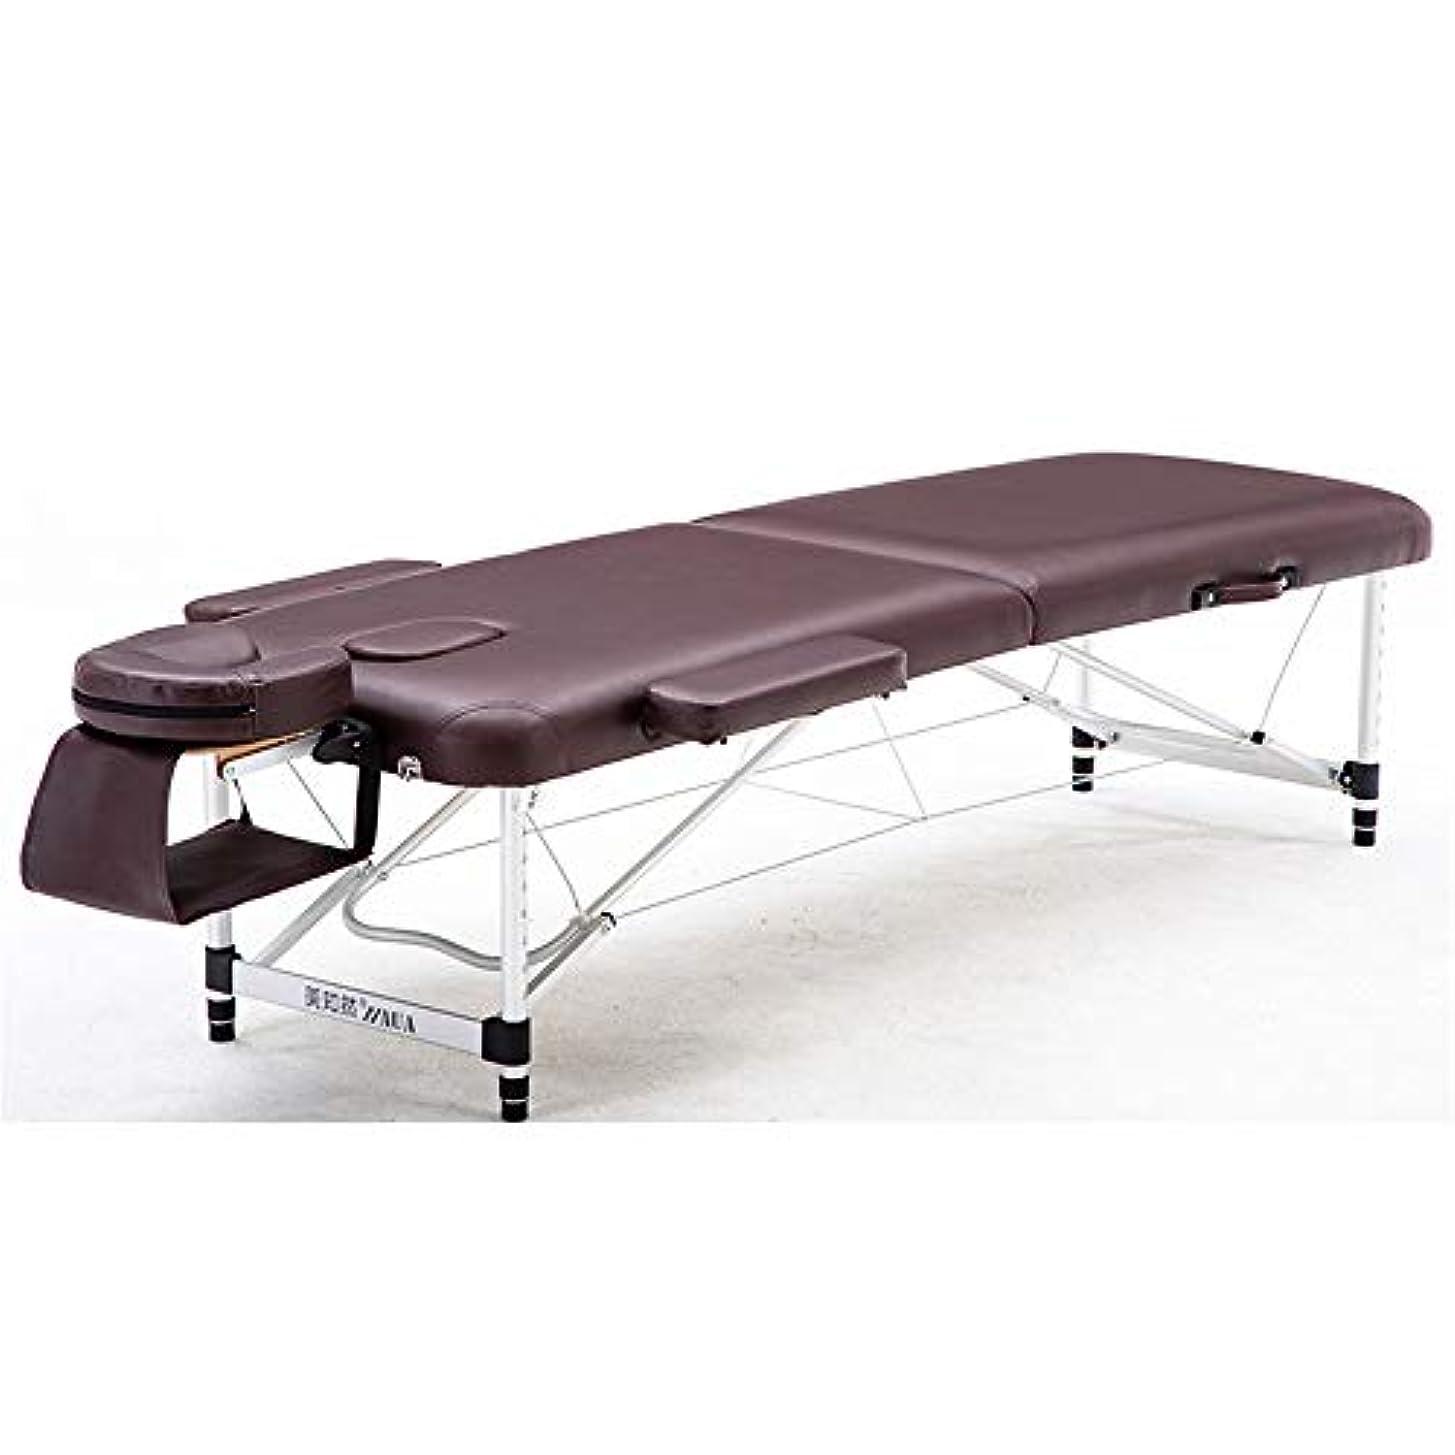 クラシカル高速道路夕暮れホーム美容室の痛みを軽減するボディのための折り畳み式携帯スパマッサージテーブルマッサージテーブルのプロフェッショナルアルミニウム合金マッサージテーブルリラックス,A